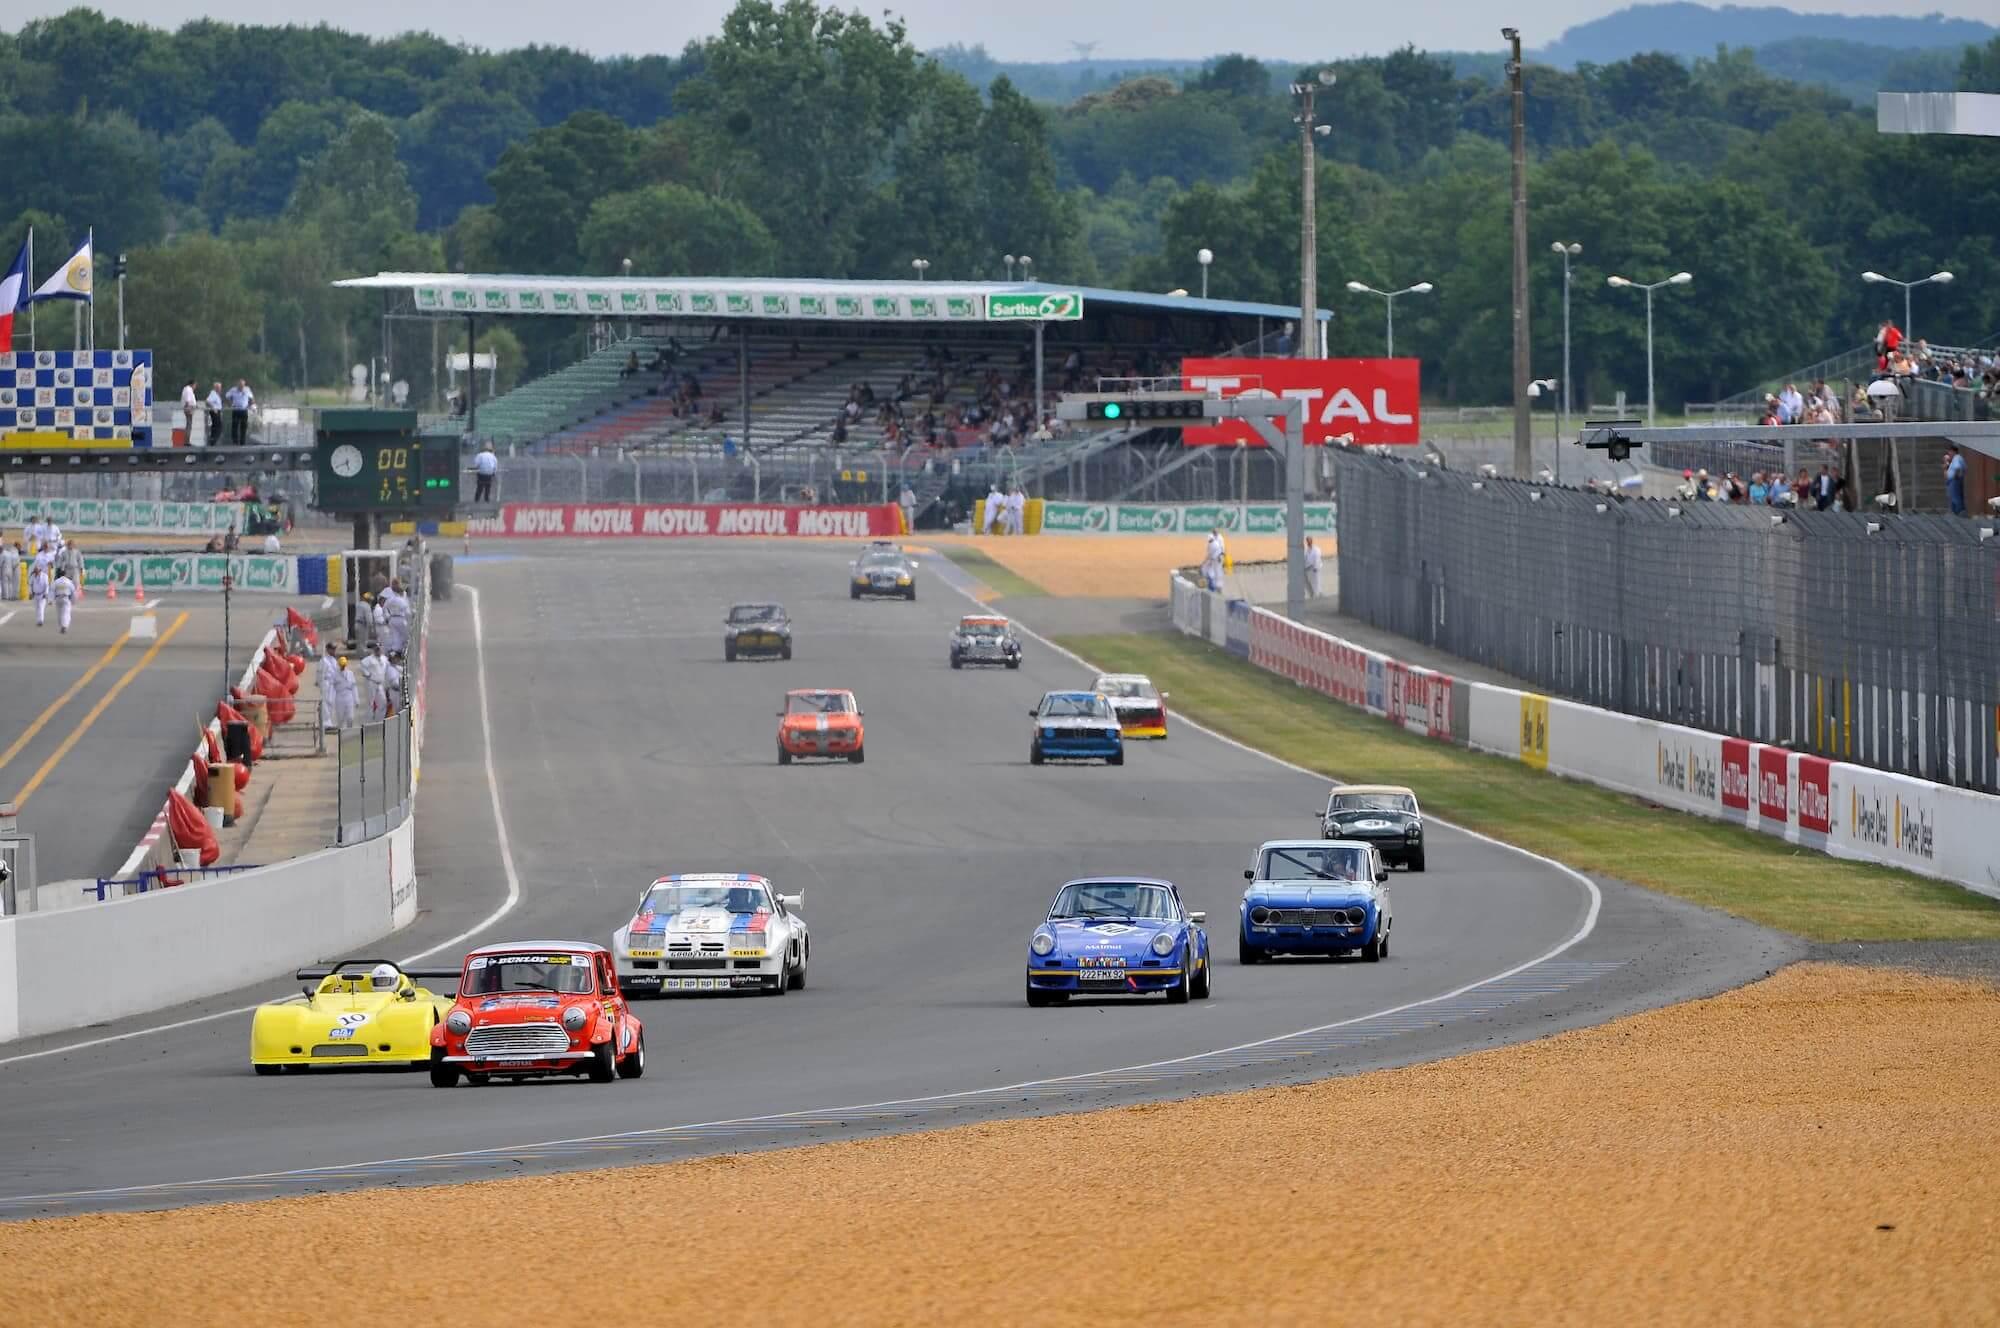 Trophée Saloon Car Sixties - Austin Mini Miglia en tête - Le Mans Classic